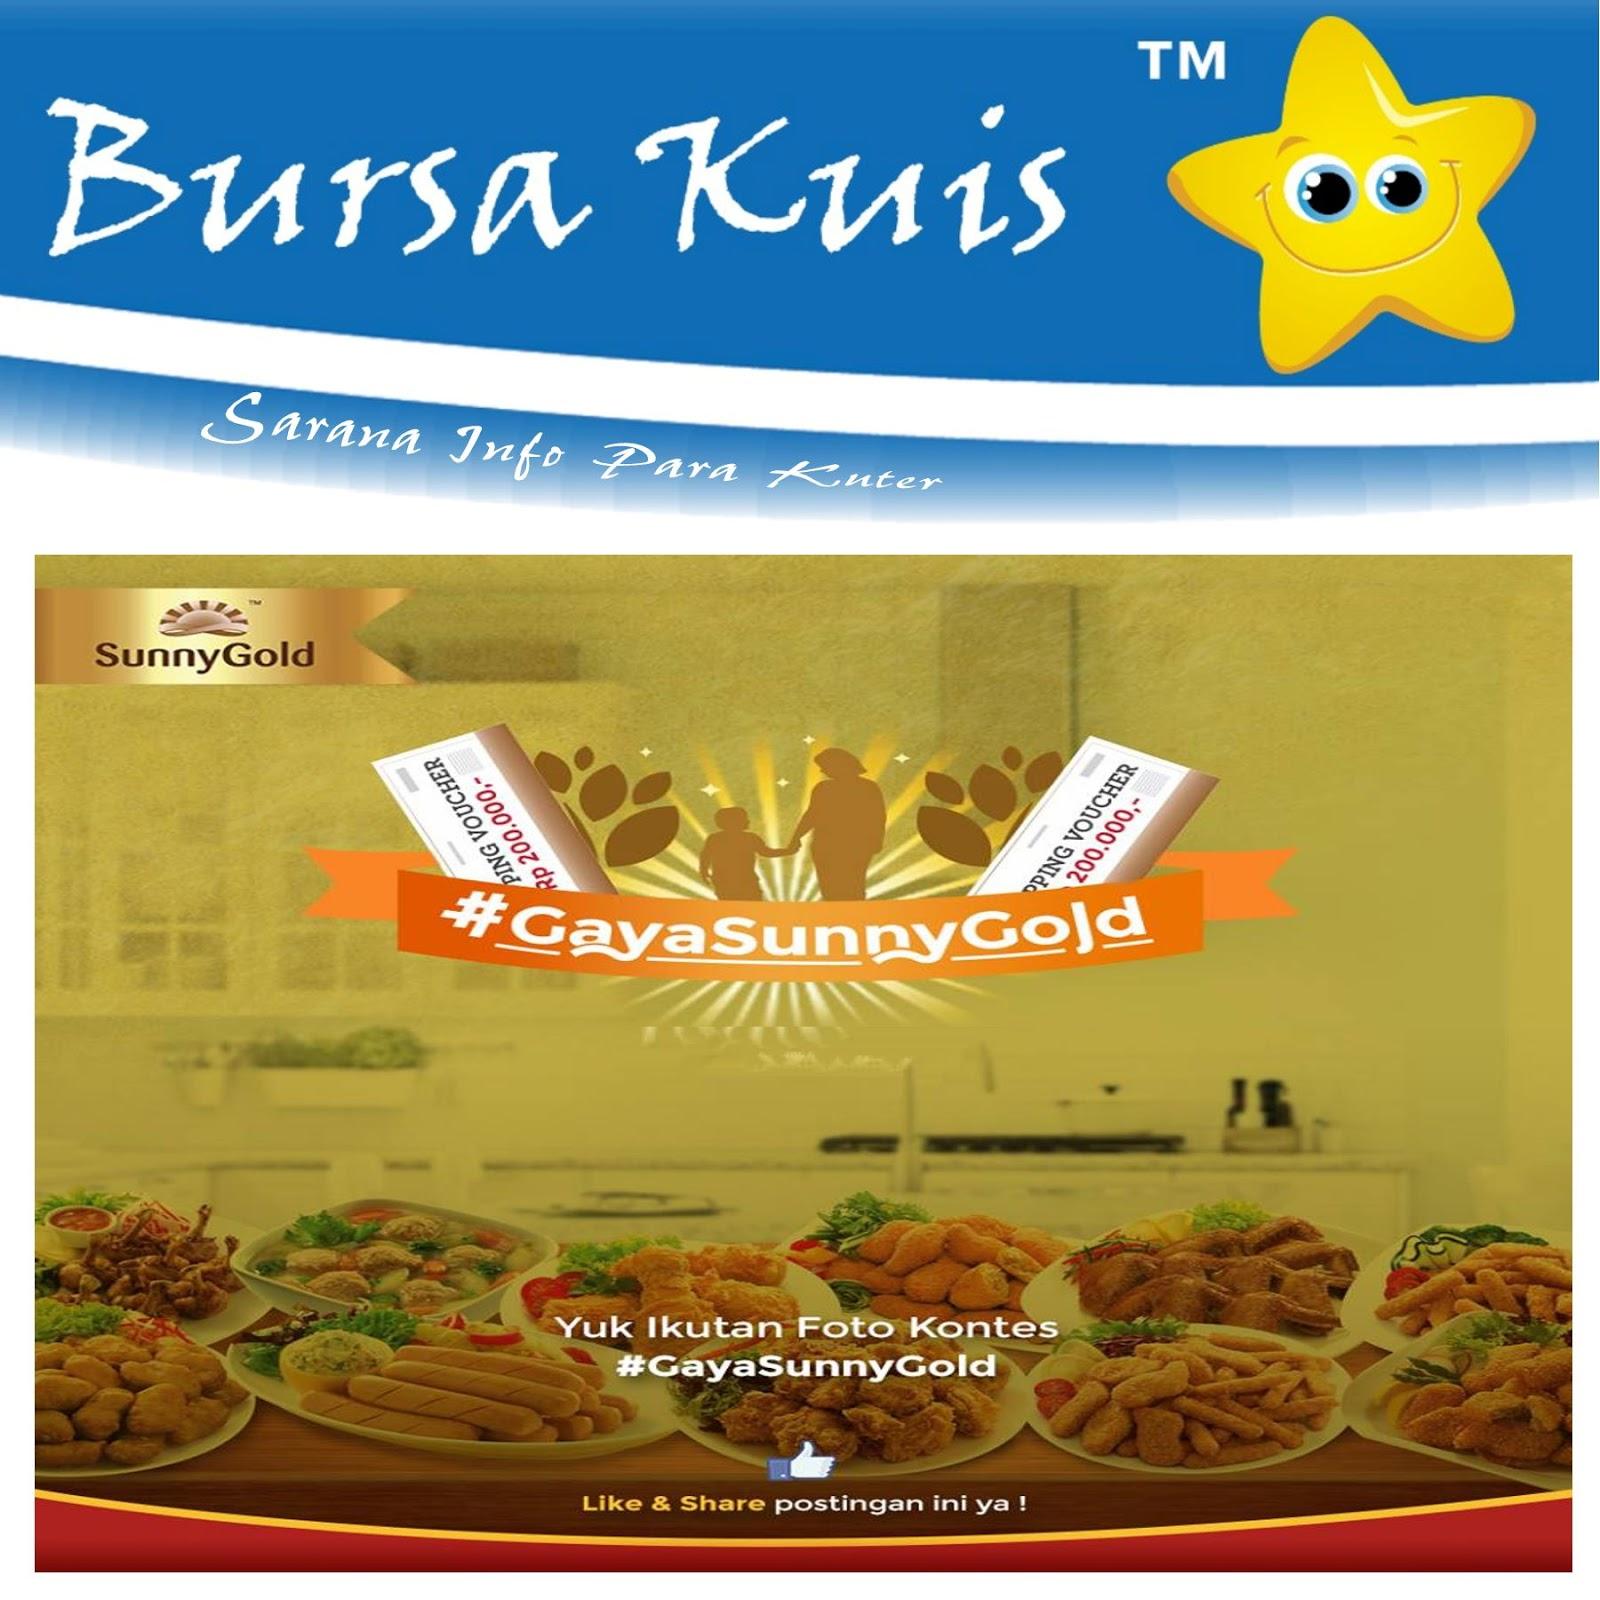 Kontes Foto Gaya Sunny Gold Berhadiah Voucher Belanja Total Jutaan Indomaret 2 Juta Rupiah